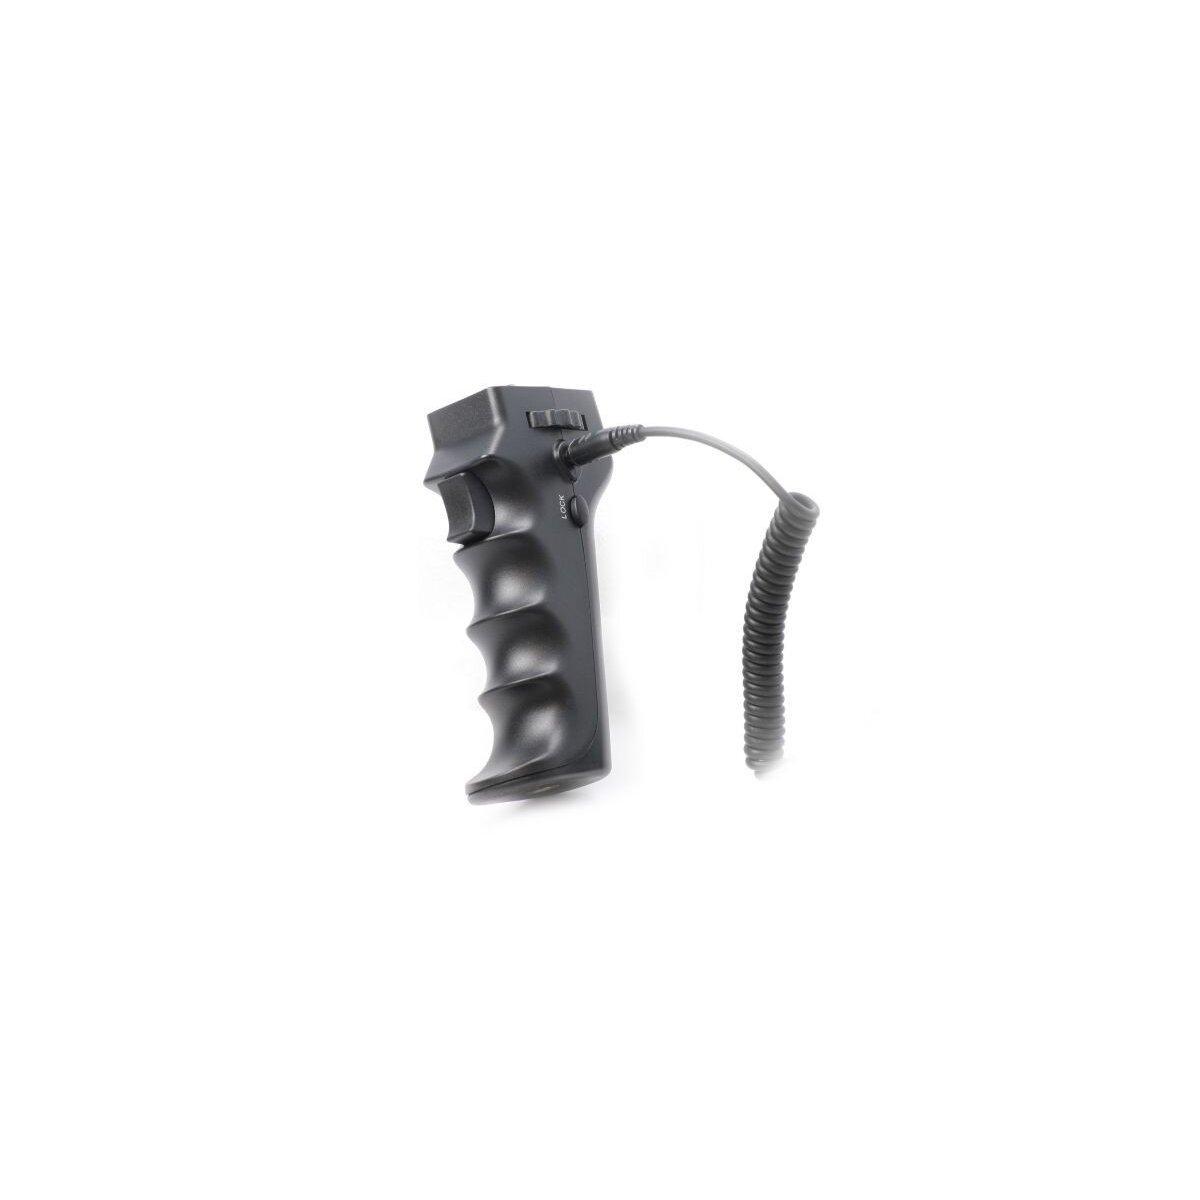 JJC Profi Fernauslöser Einhandaufnahmen Pistolen Handgriff kompatibel mit Nikon D7100, D7000, D5300, D5200, D5100, D5000, D3300, D3200, D3100, D610, D600, D90